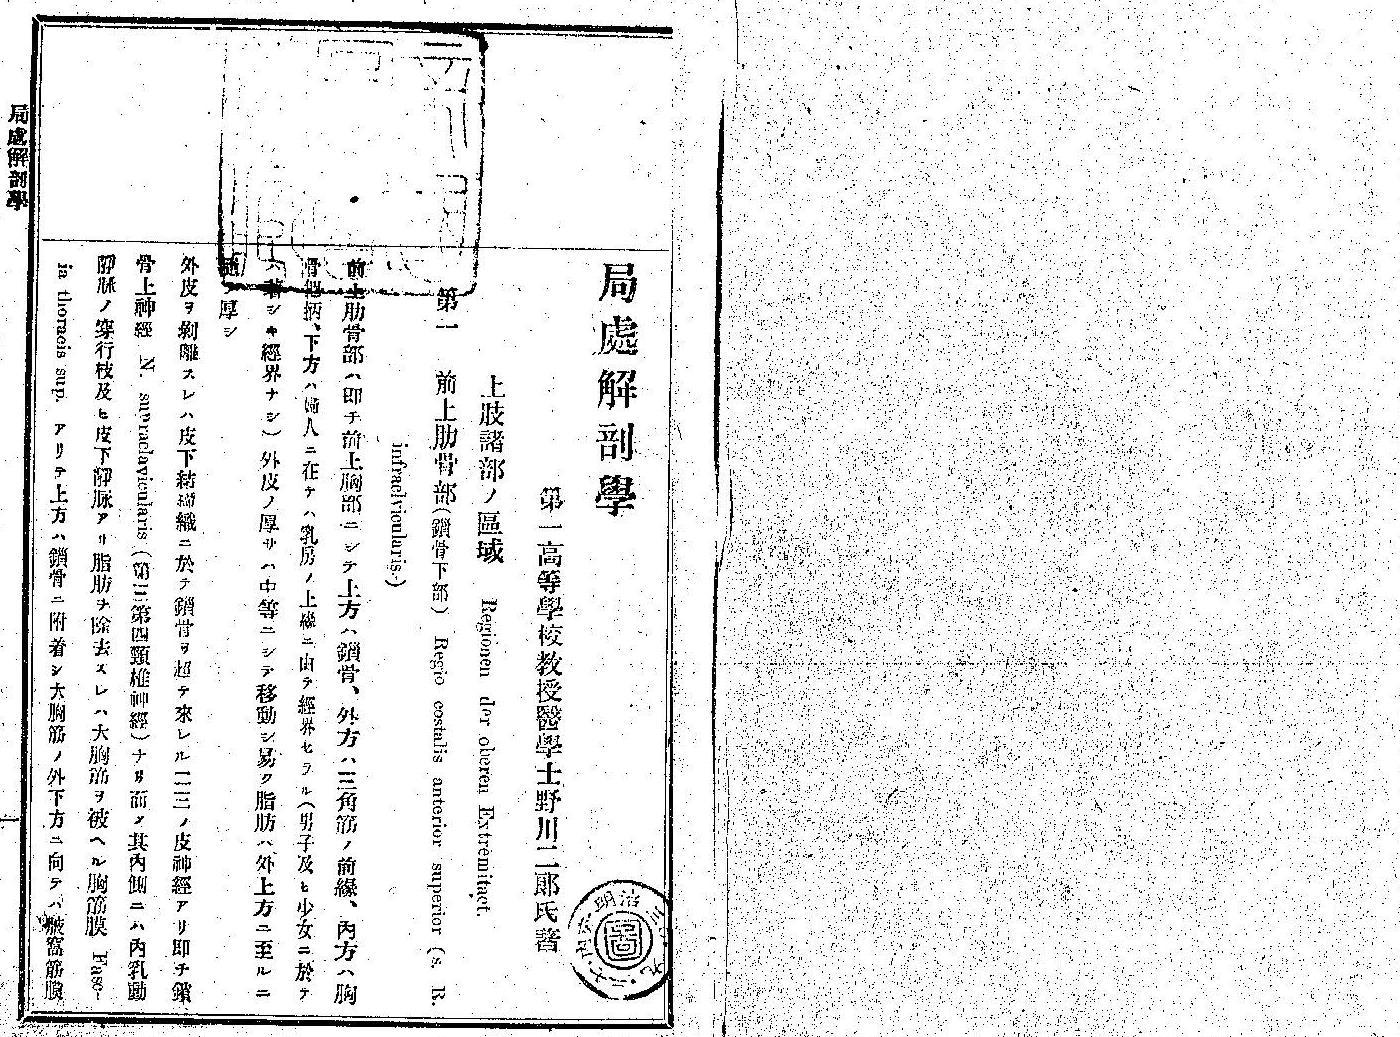 父・野川二郎『局処解剖学』(積成社 明治三十(一八九七)年九月